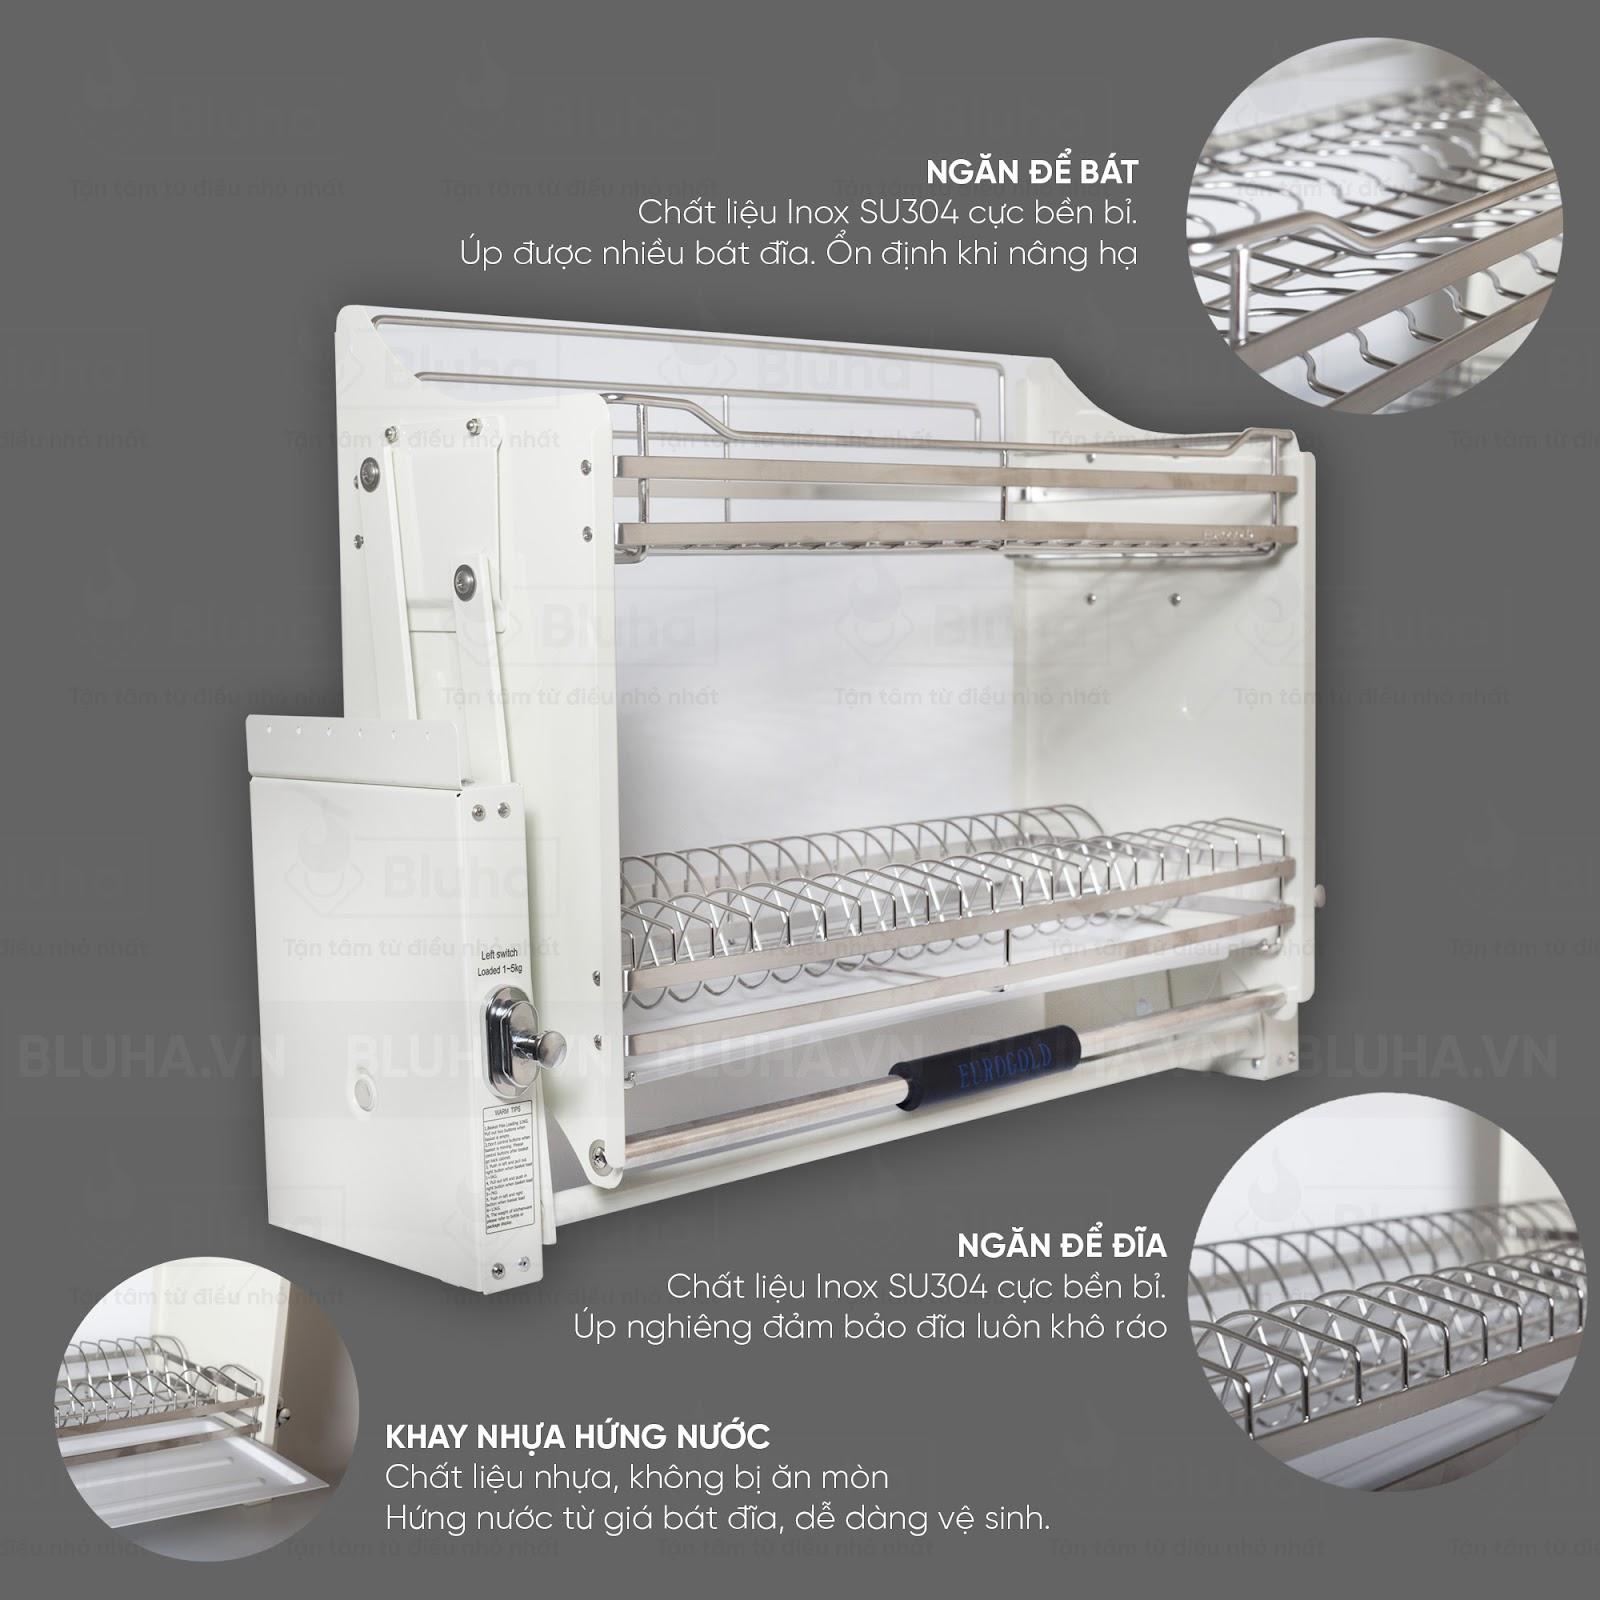 2 tầng để bát đĩa rộng rãi kết hợp với khay nhựa tiện dụng - Giá bát nâng hạ Inox EVI.180 - Phụ kiện bếp chính hãng